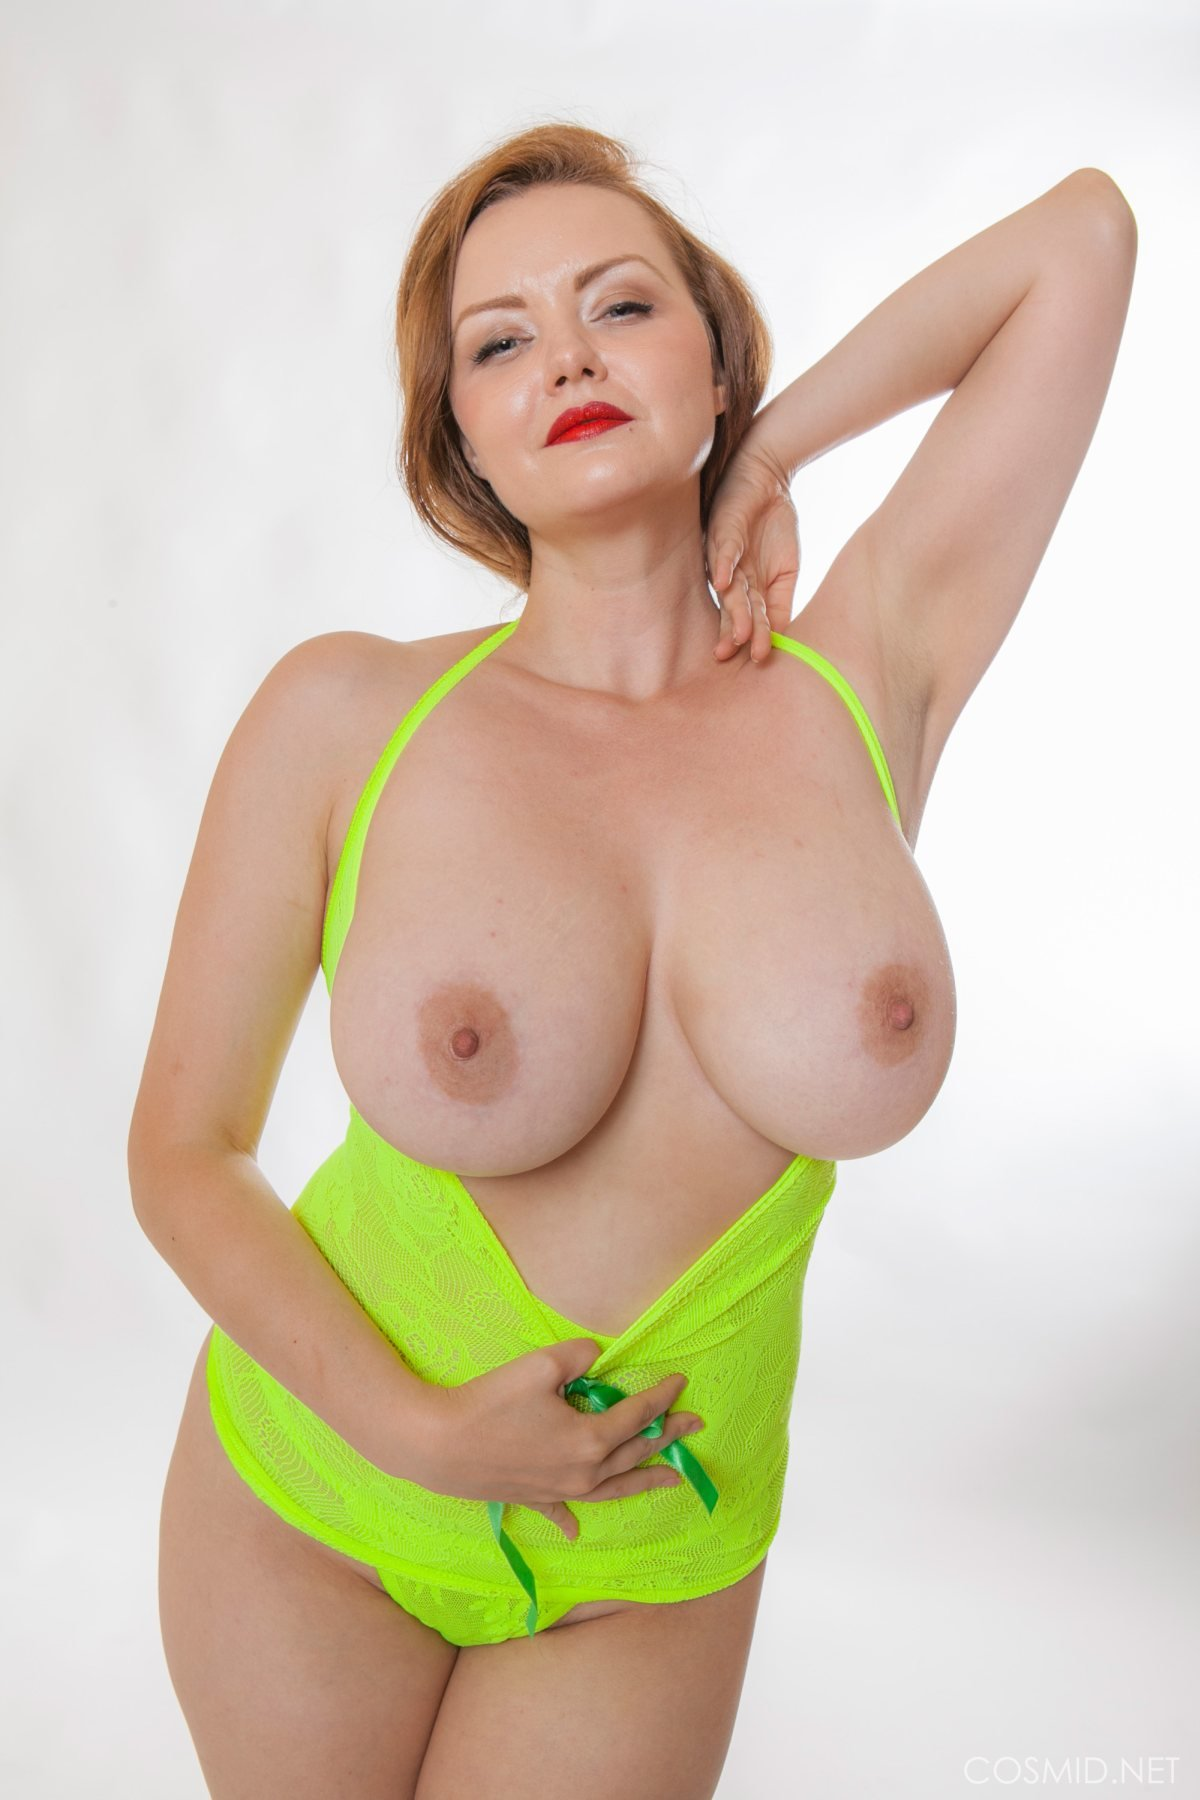 Natasha dedov nackt